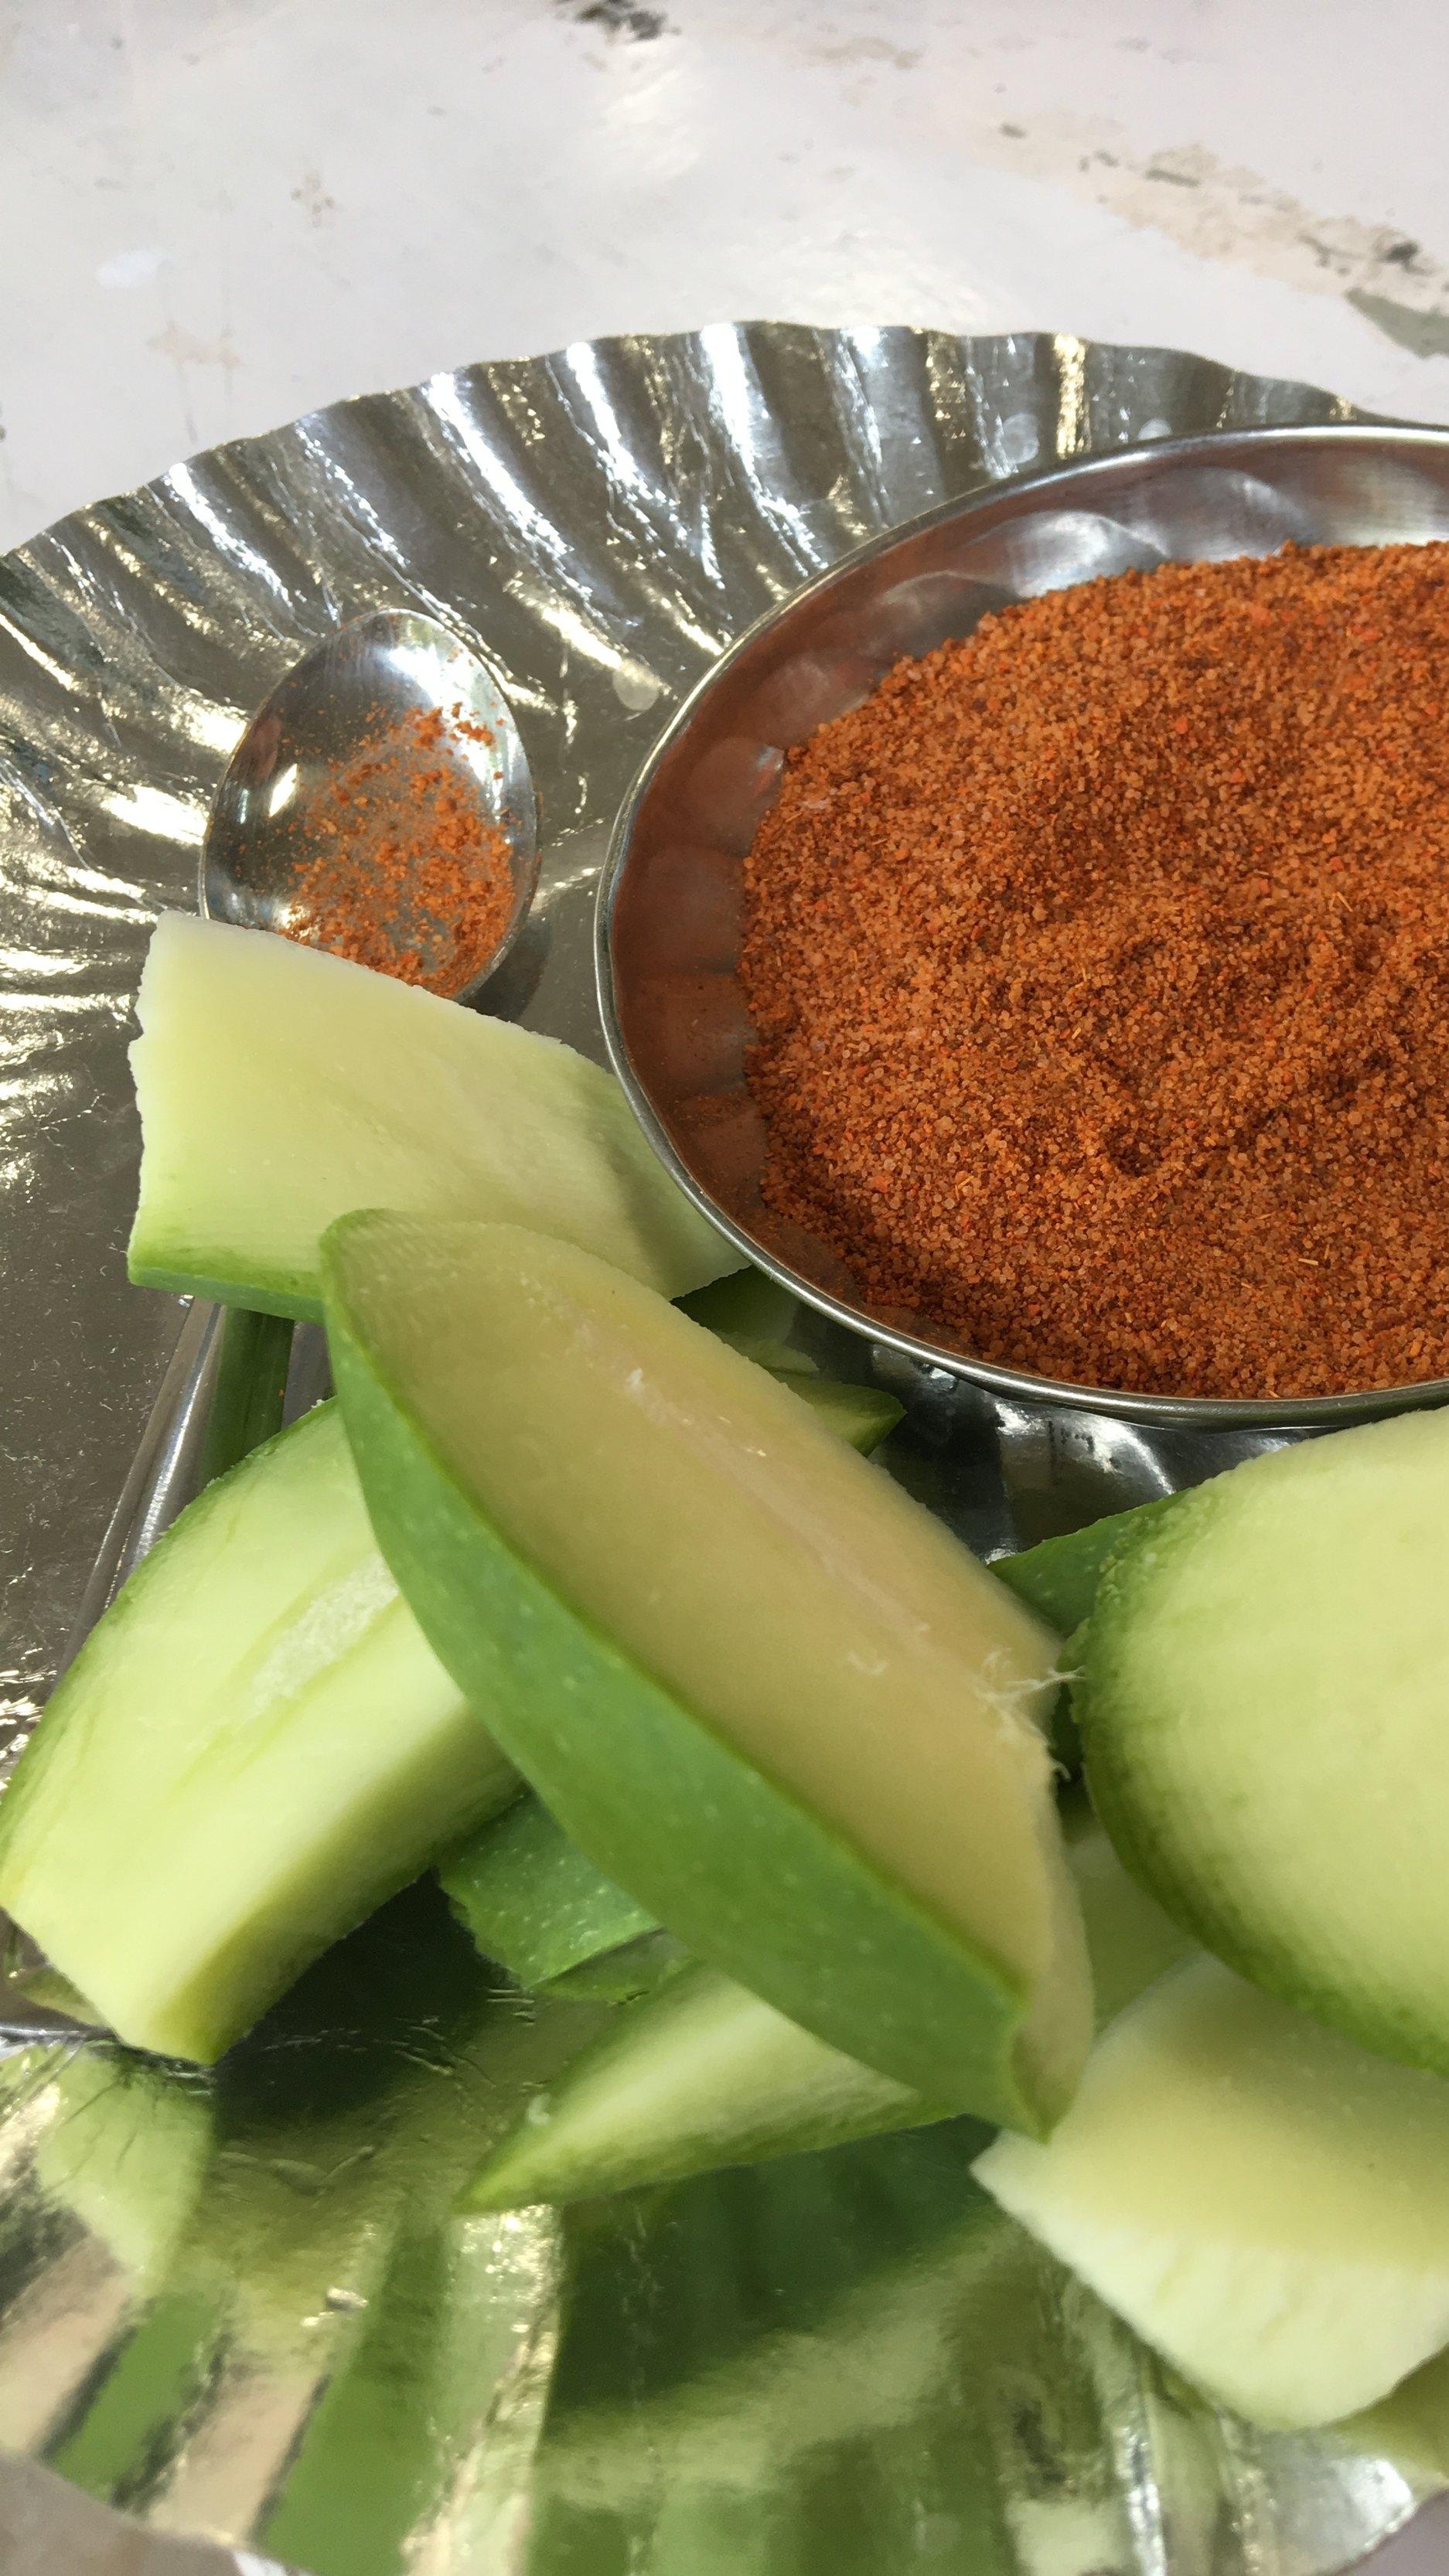 Typischer Wintersnack: Grüne Mango, Chili & Pfeffer |  Typical winter snack: green mango, chili & pepper